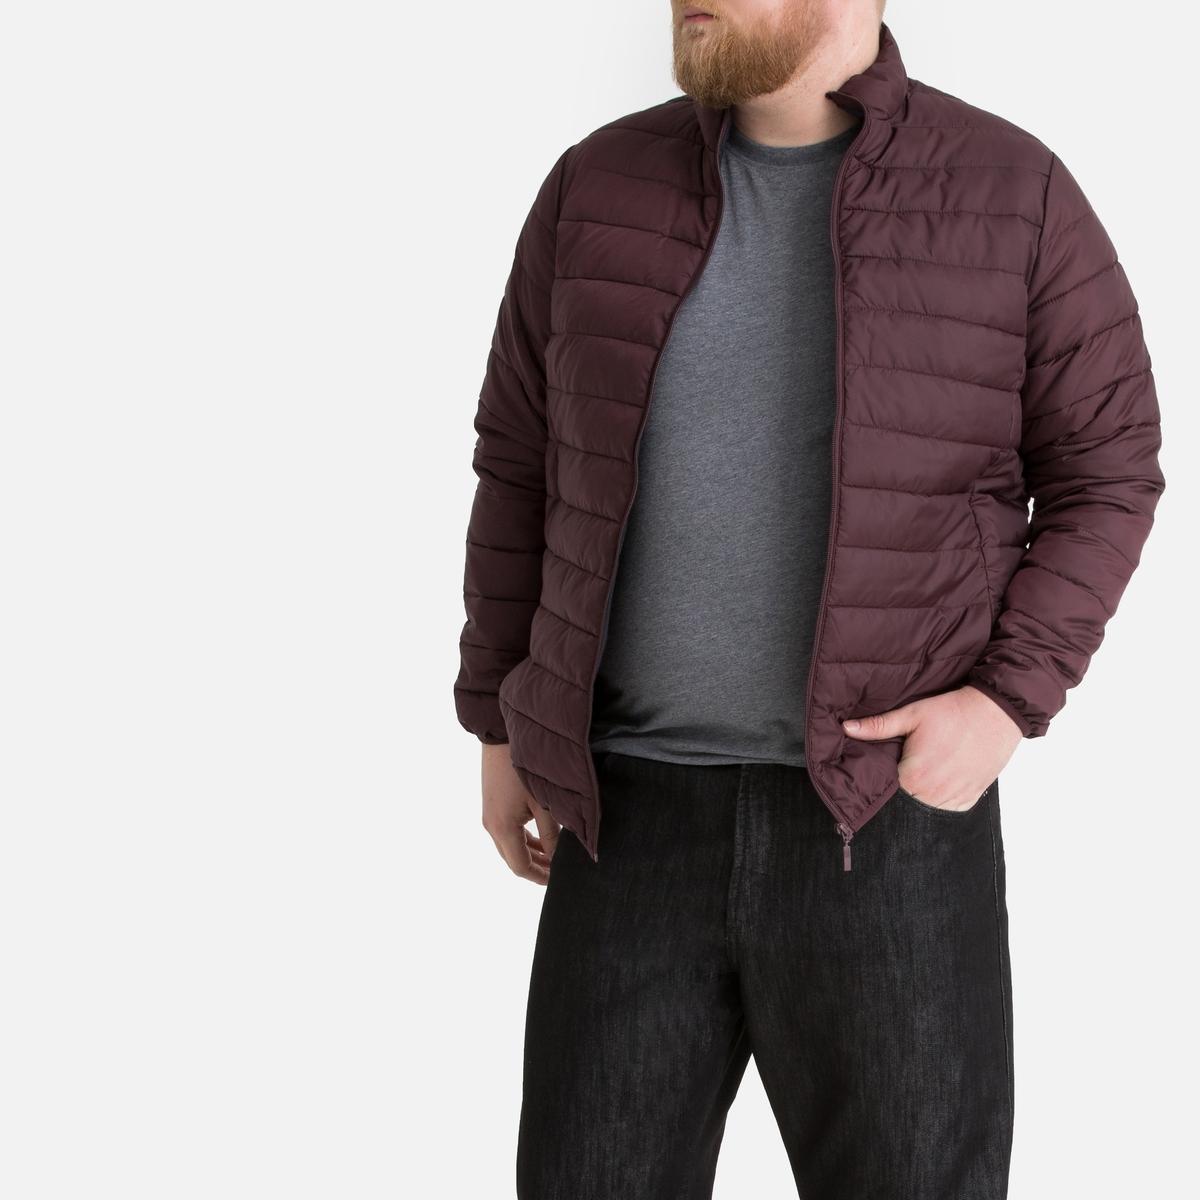 Куртка La Redoute Стганая тонкая с длинными рукавами 54/56 красный куртка la redoute тонкая непромокаемая maxime xxl синий